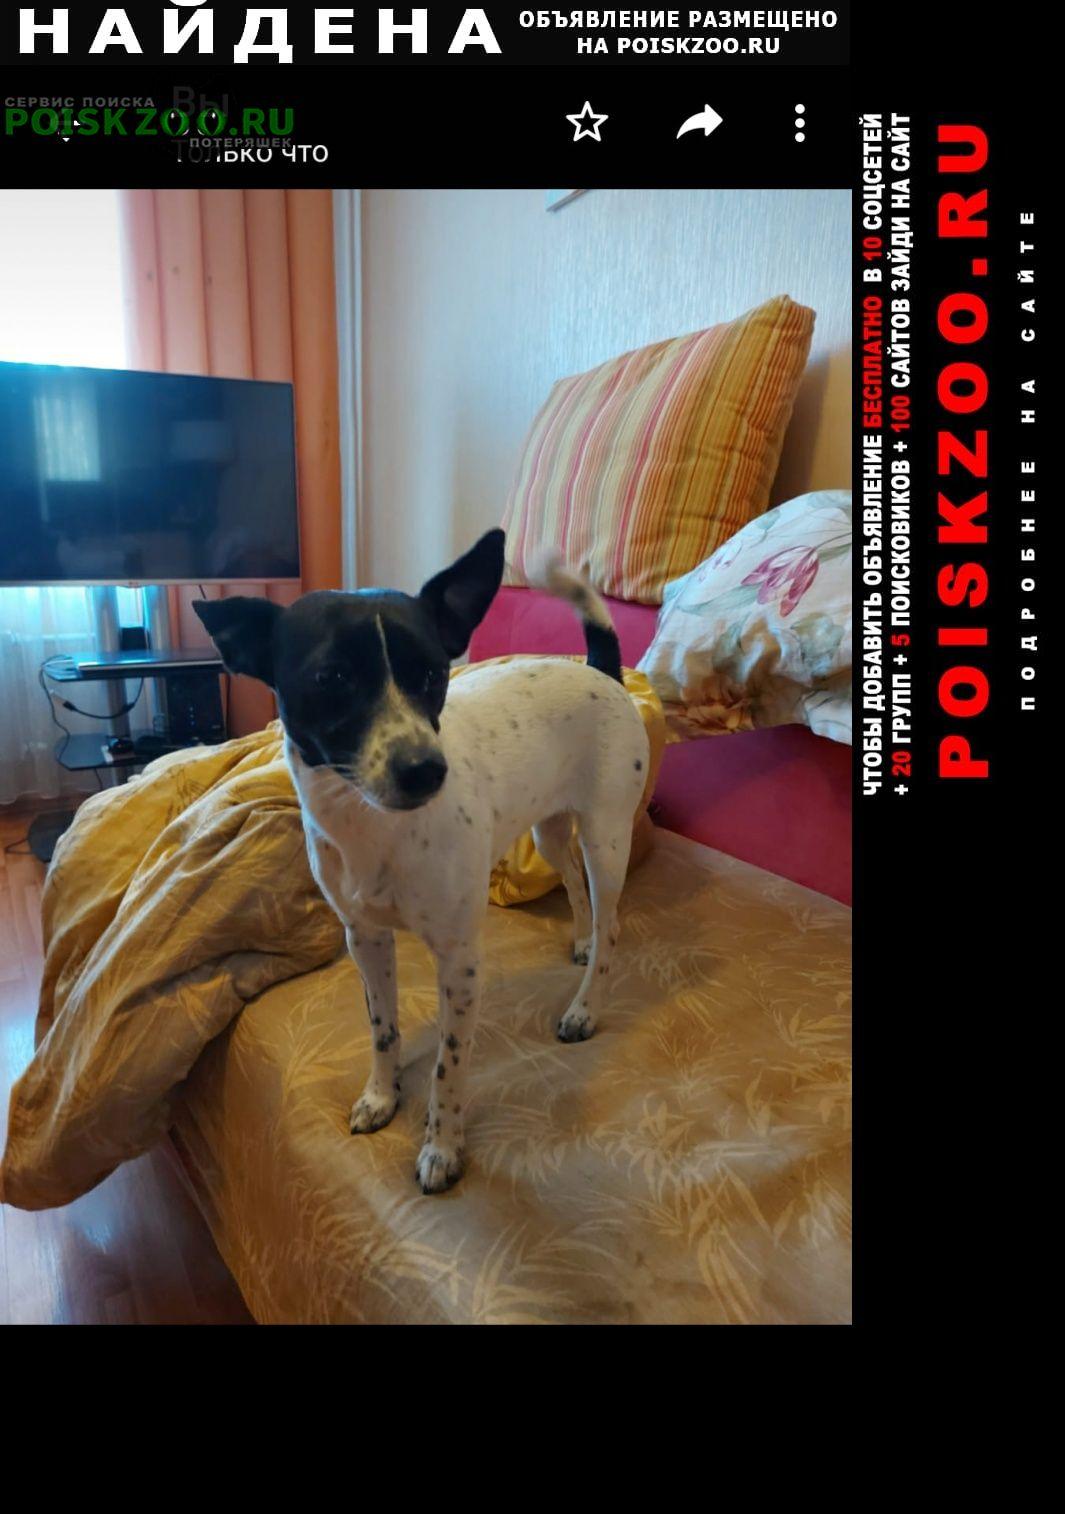 Найдена собака черно-белая девочка Мытищи